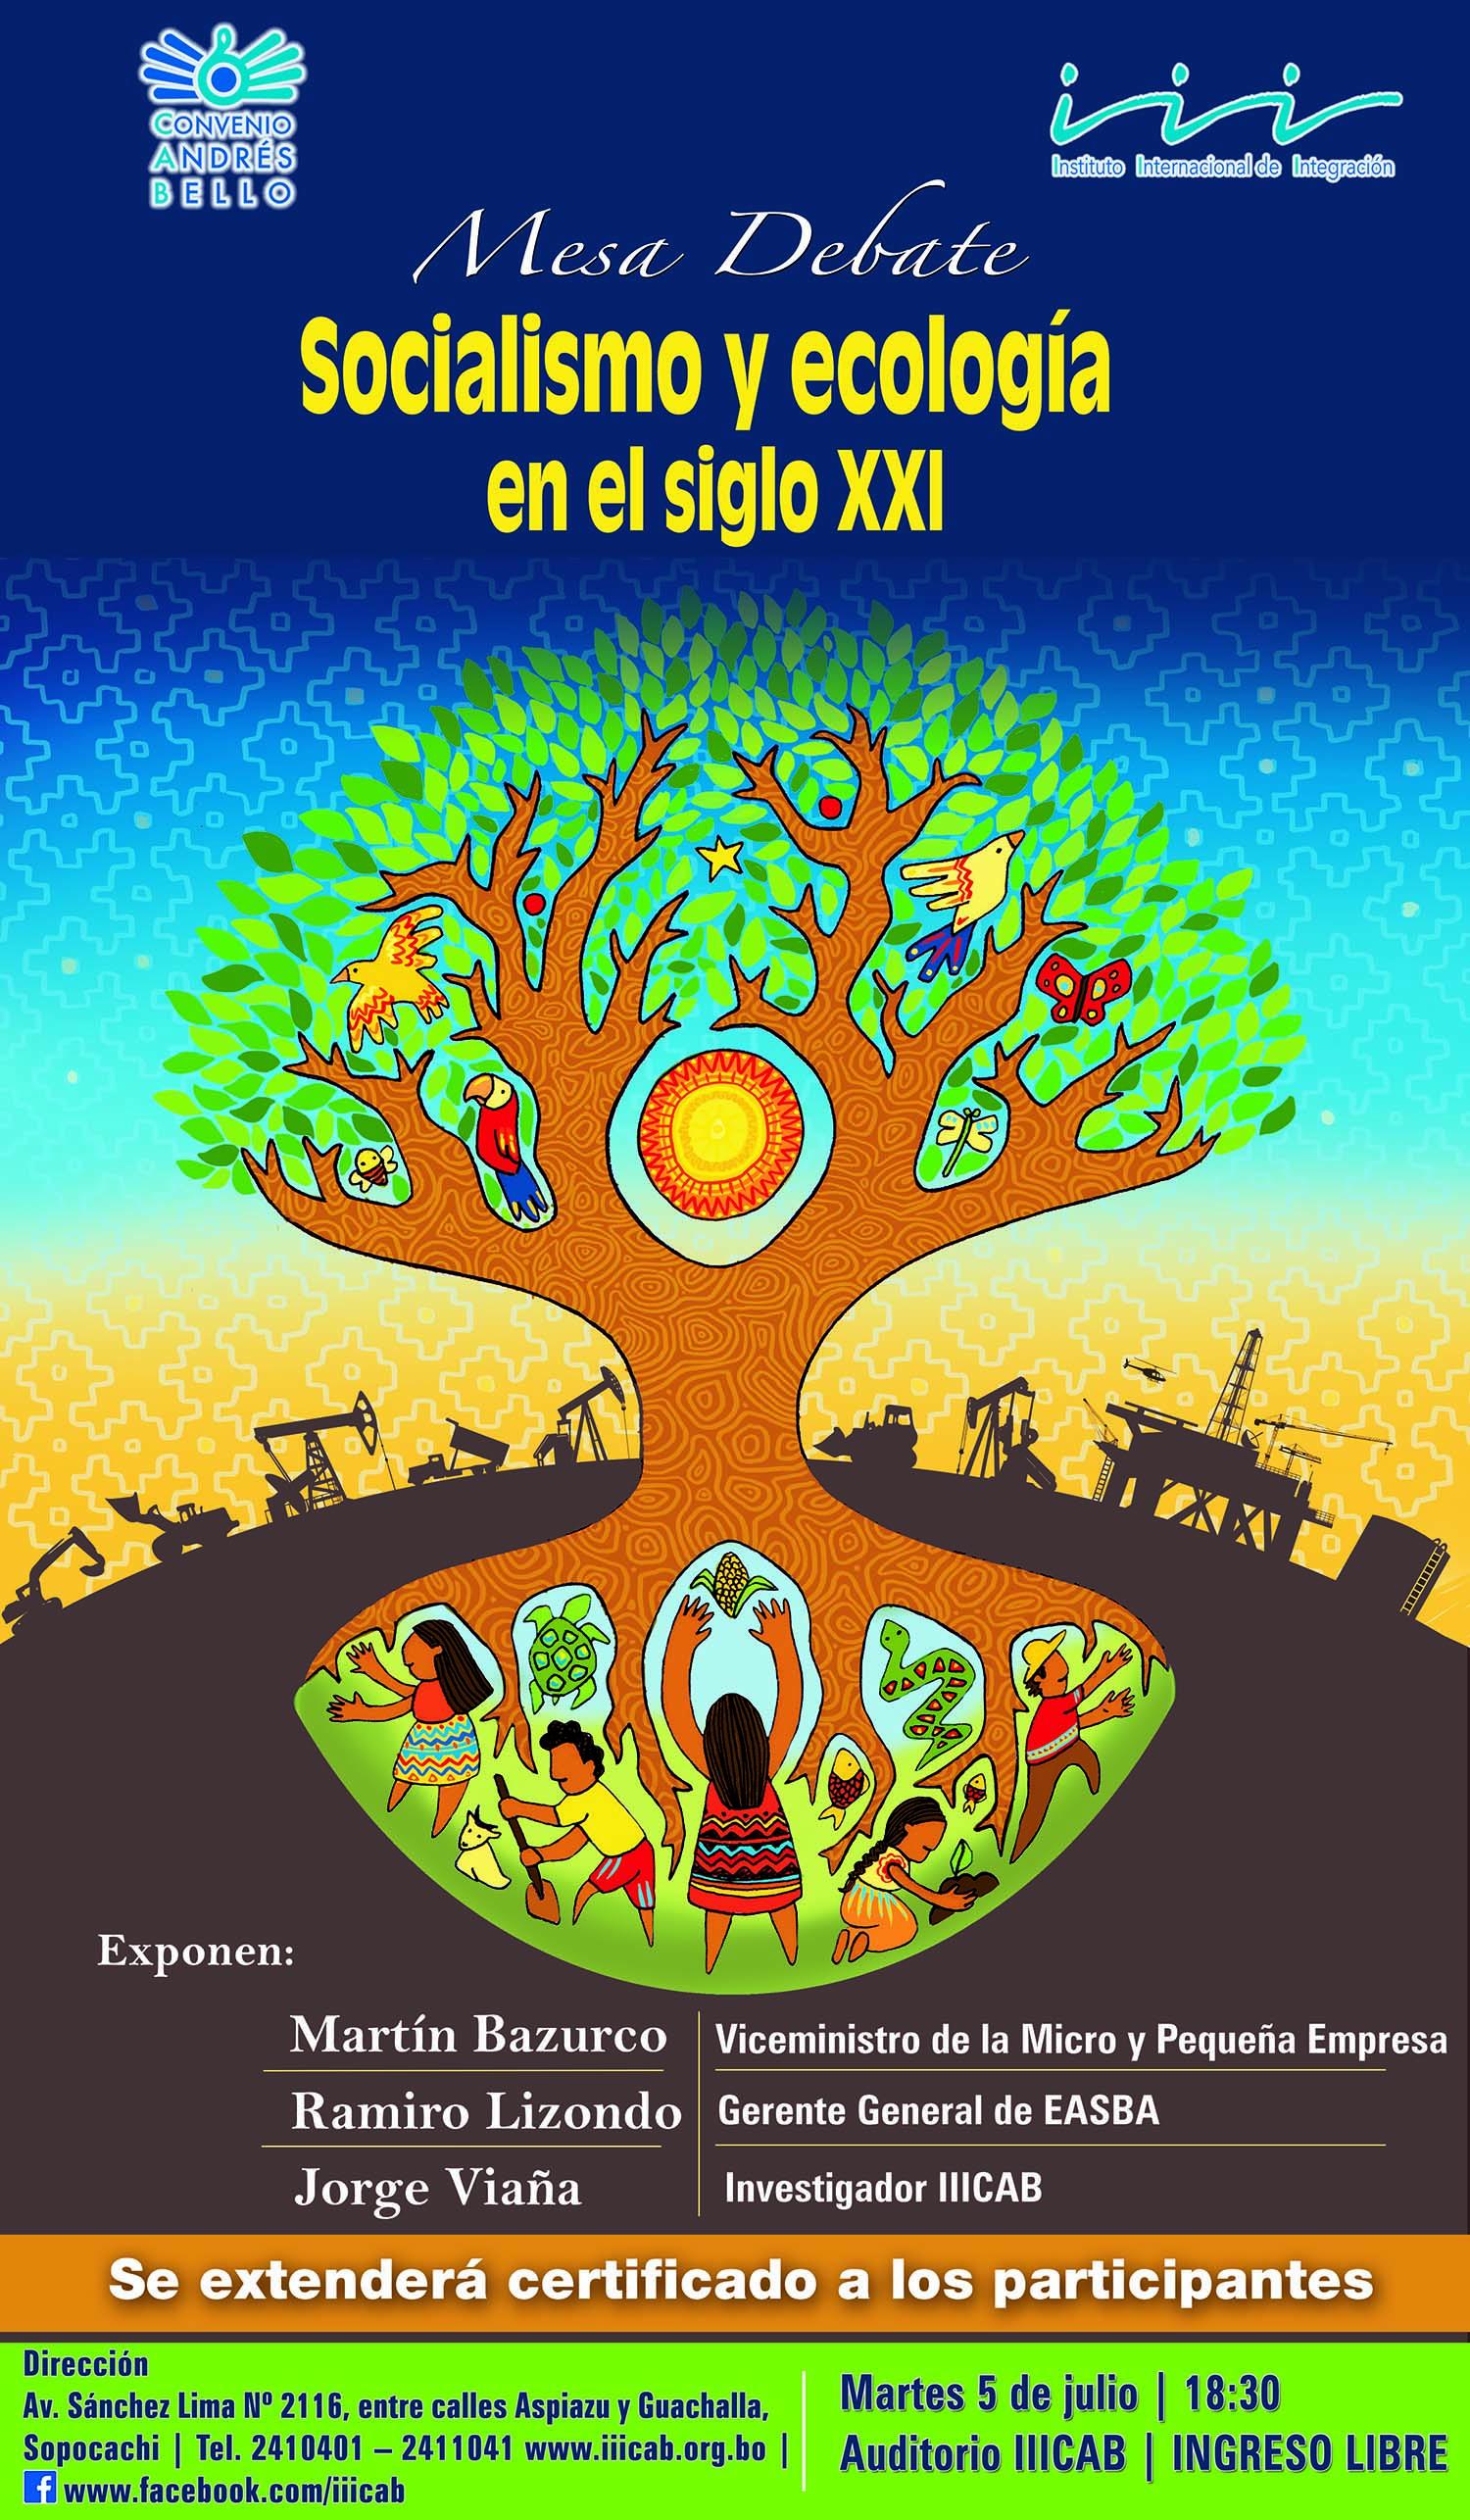 MESA DEBATE: Socialismo y ecología en el siglo XXI